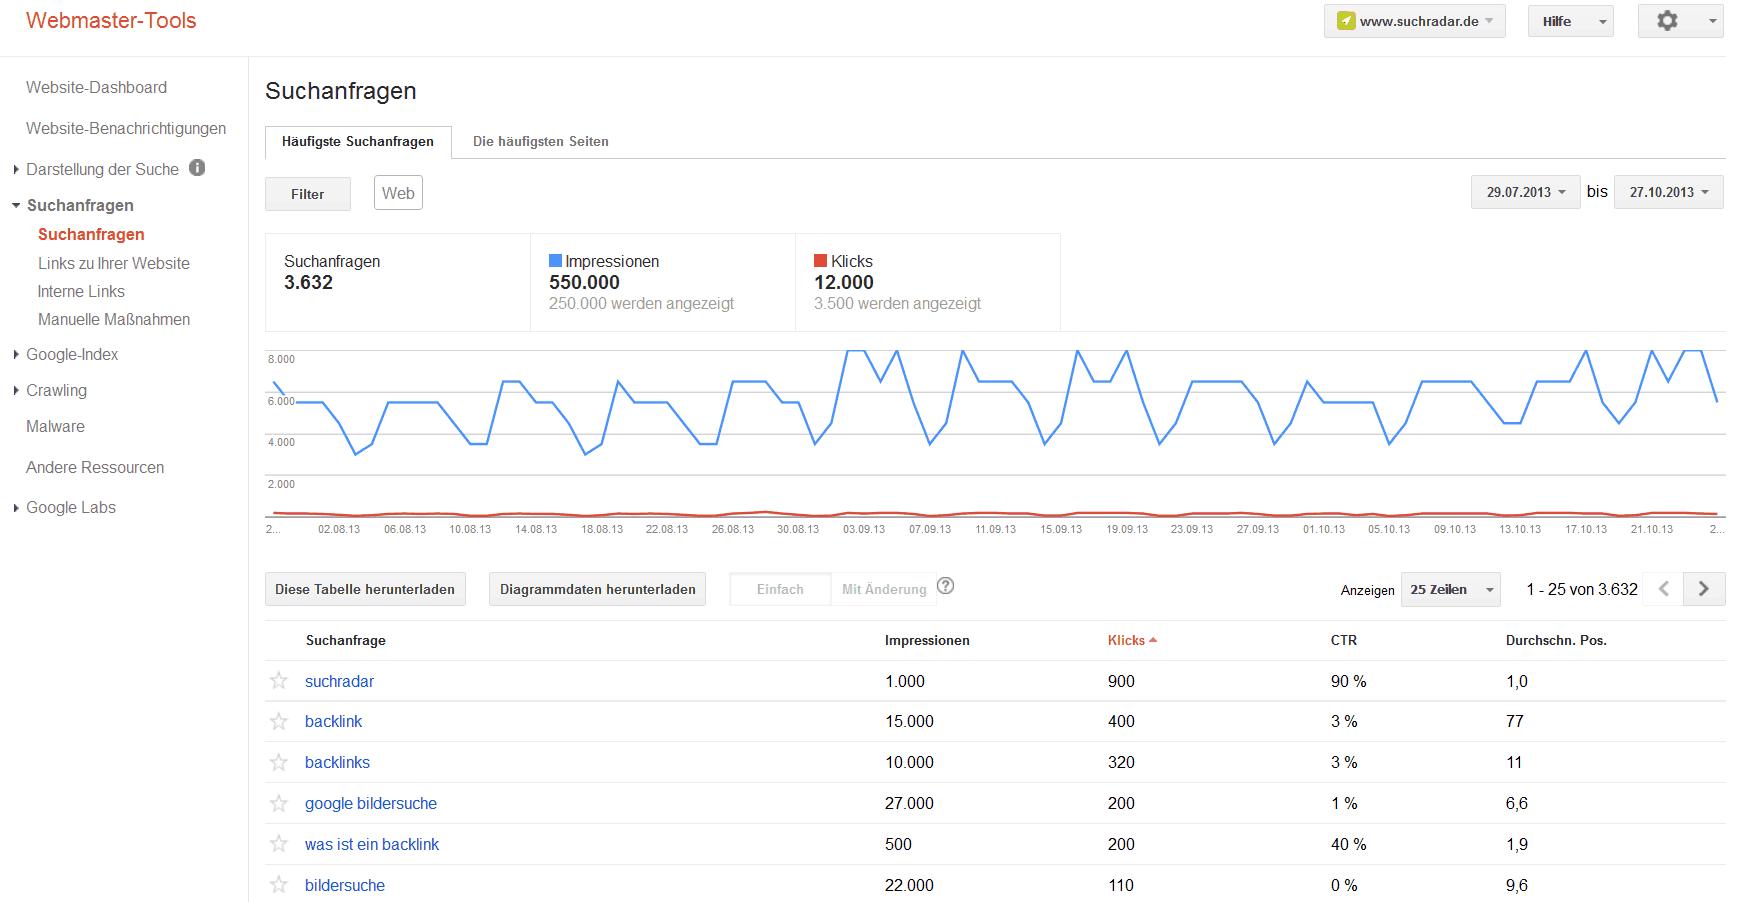 Abbildung 1: Suchanfragen in den Google Webmaster Tools